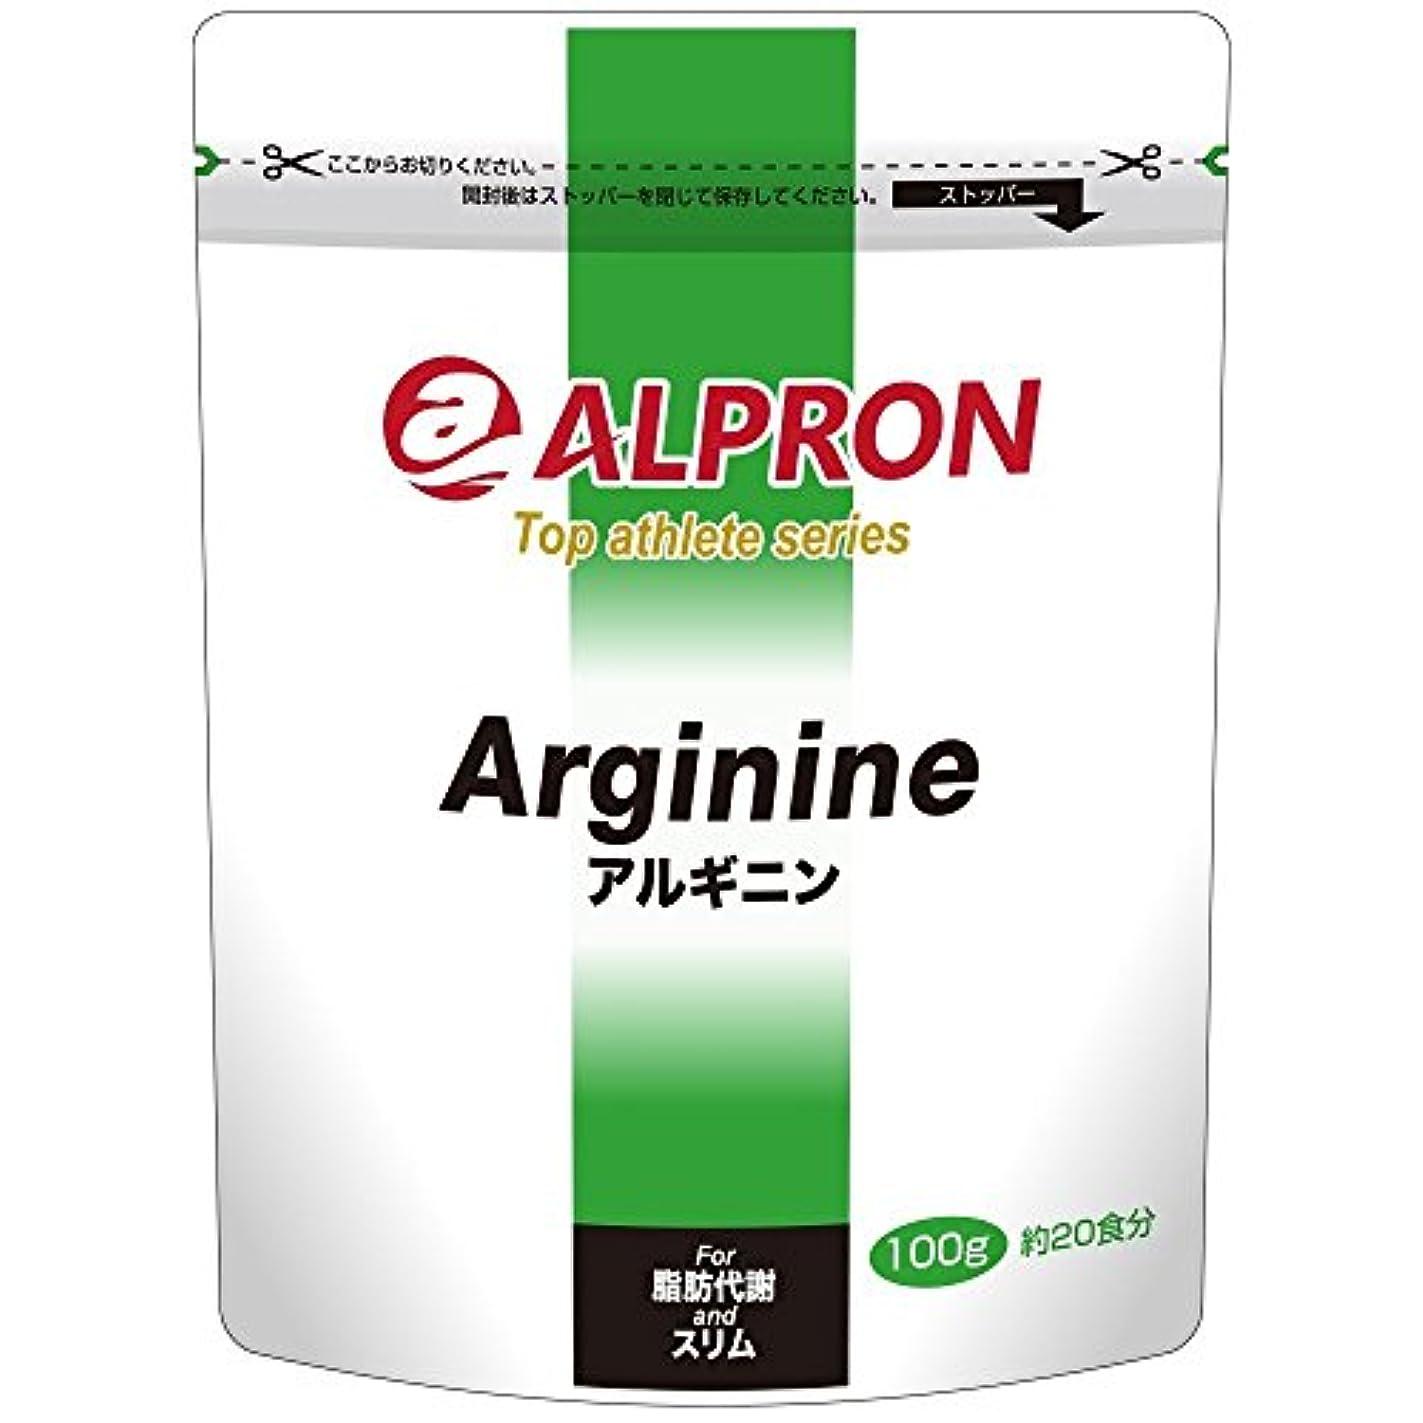 残り拡散する優先権アルプロン -ALPRON- アルギニン(100g)